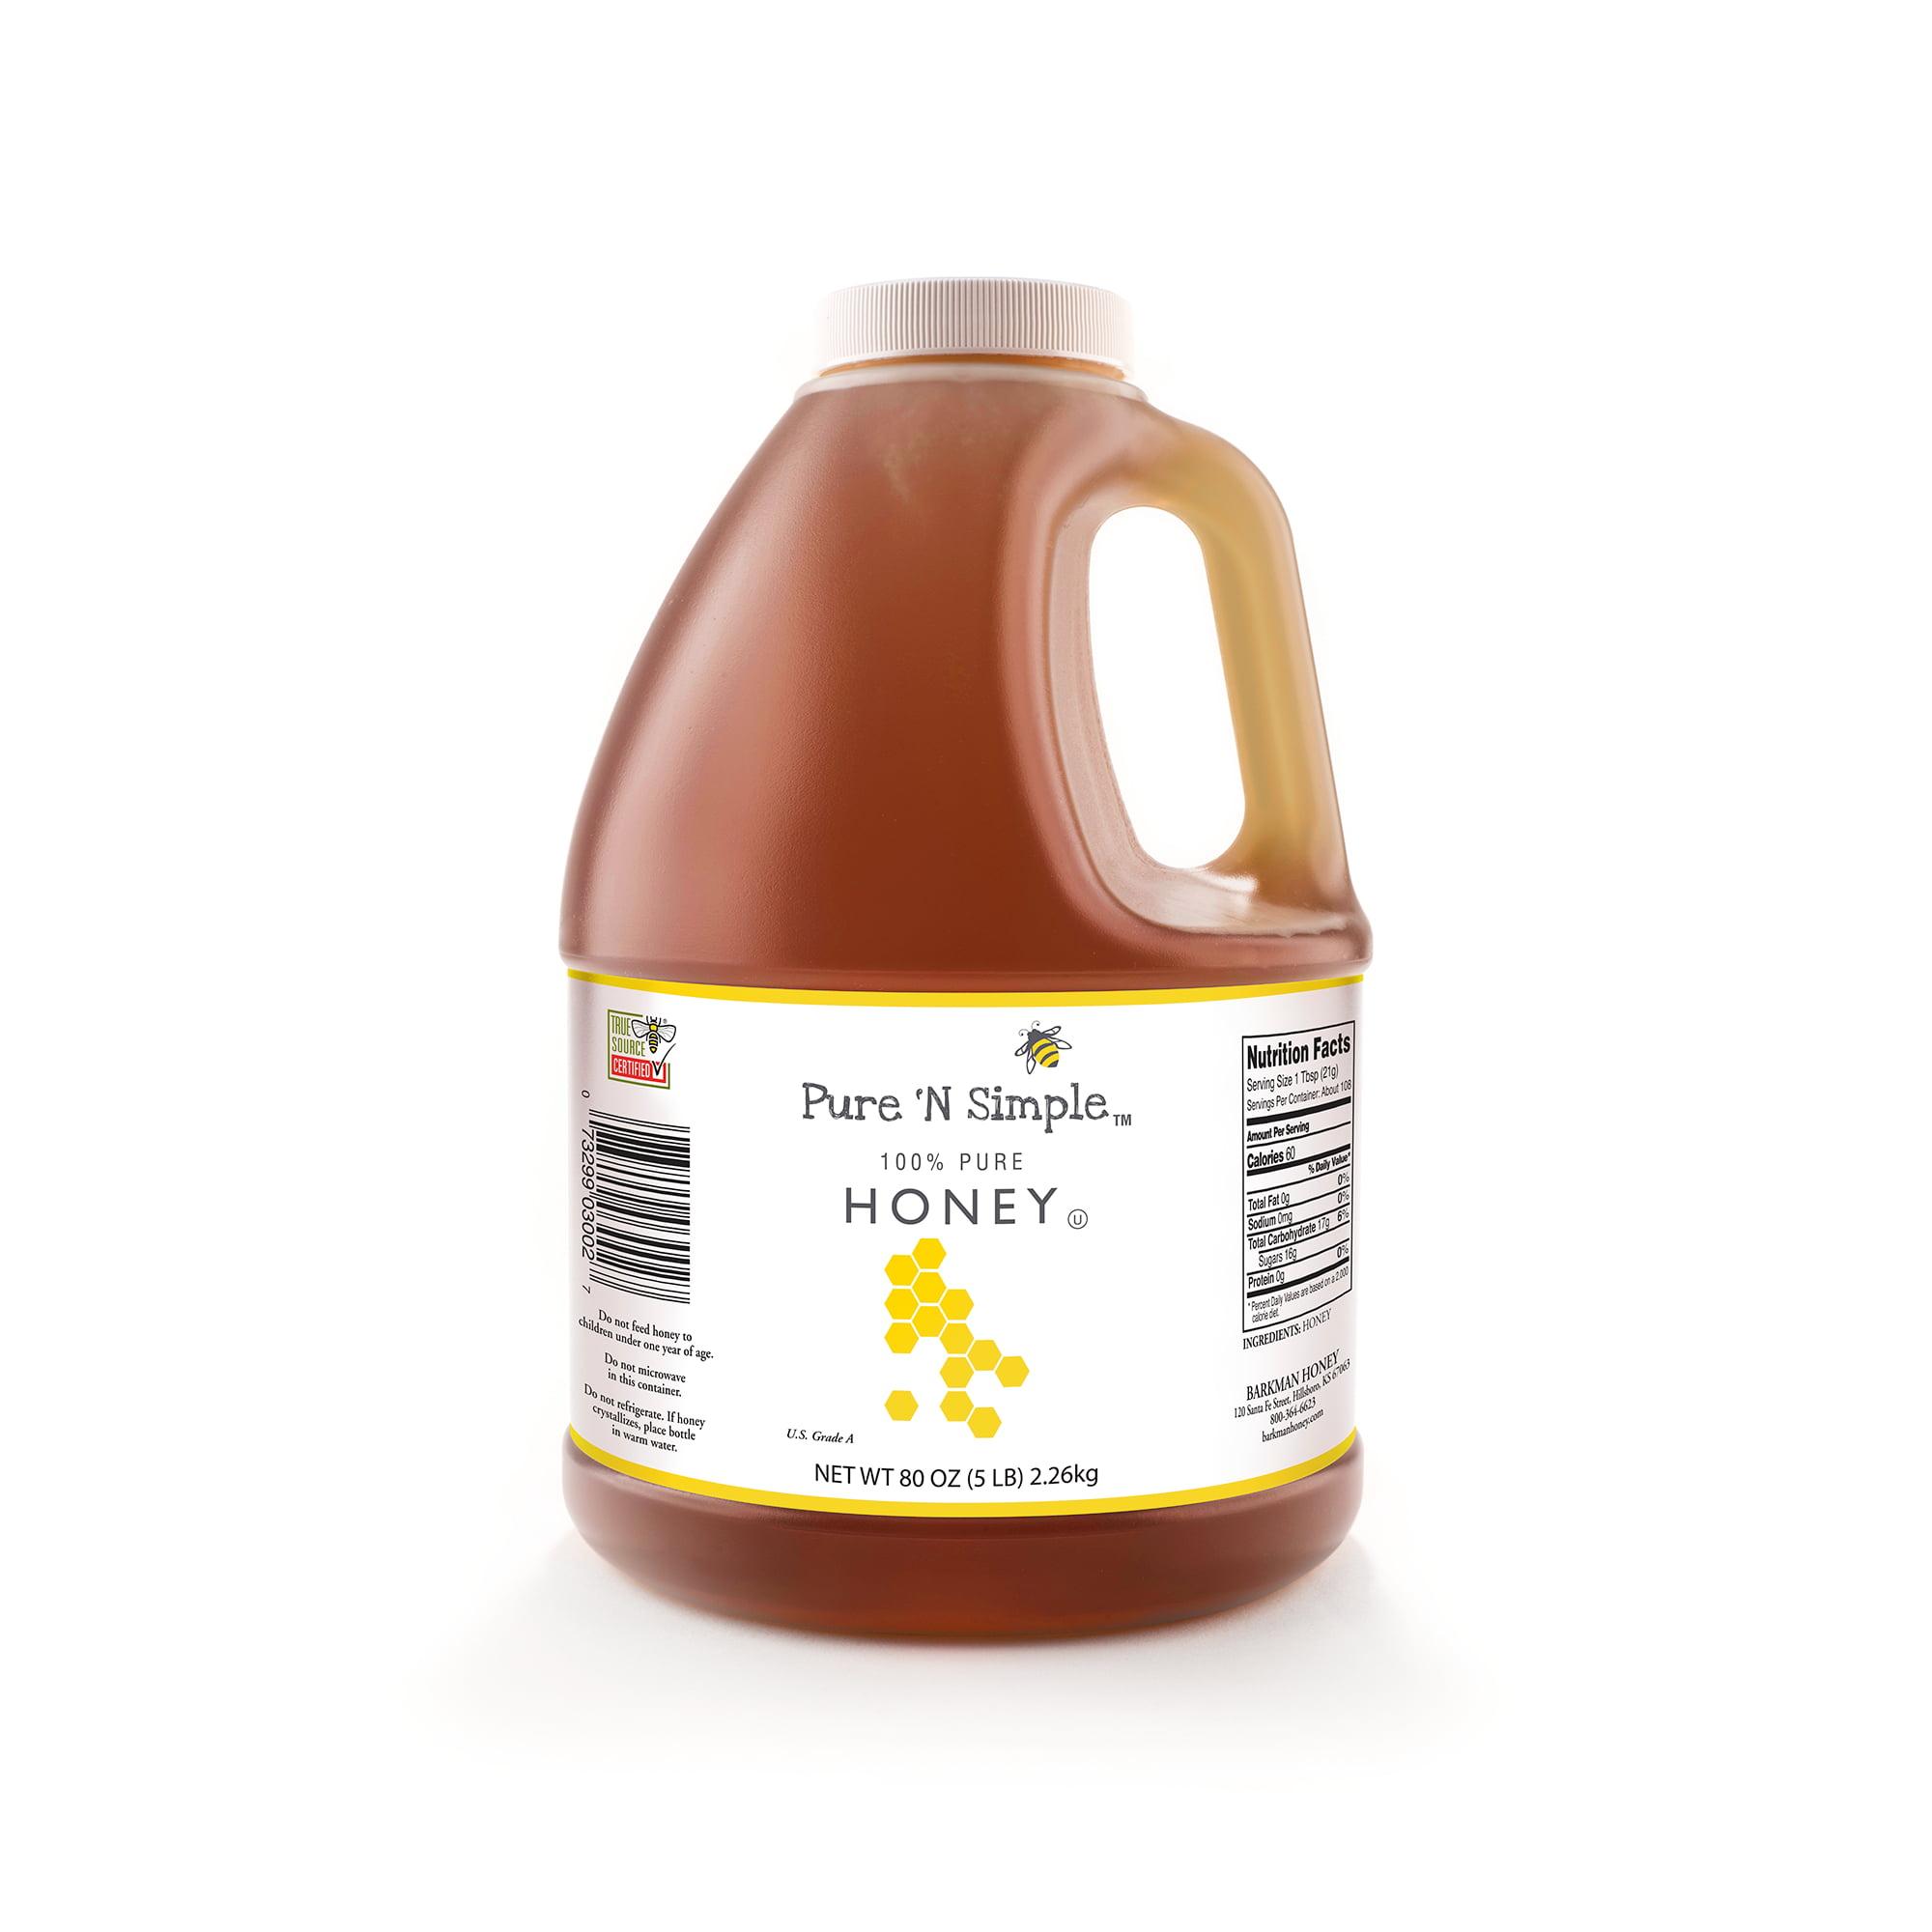 Pure 'N Simple Honey, 80 oz